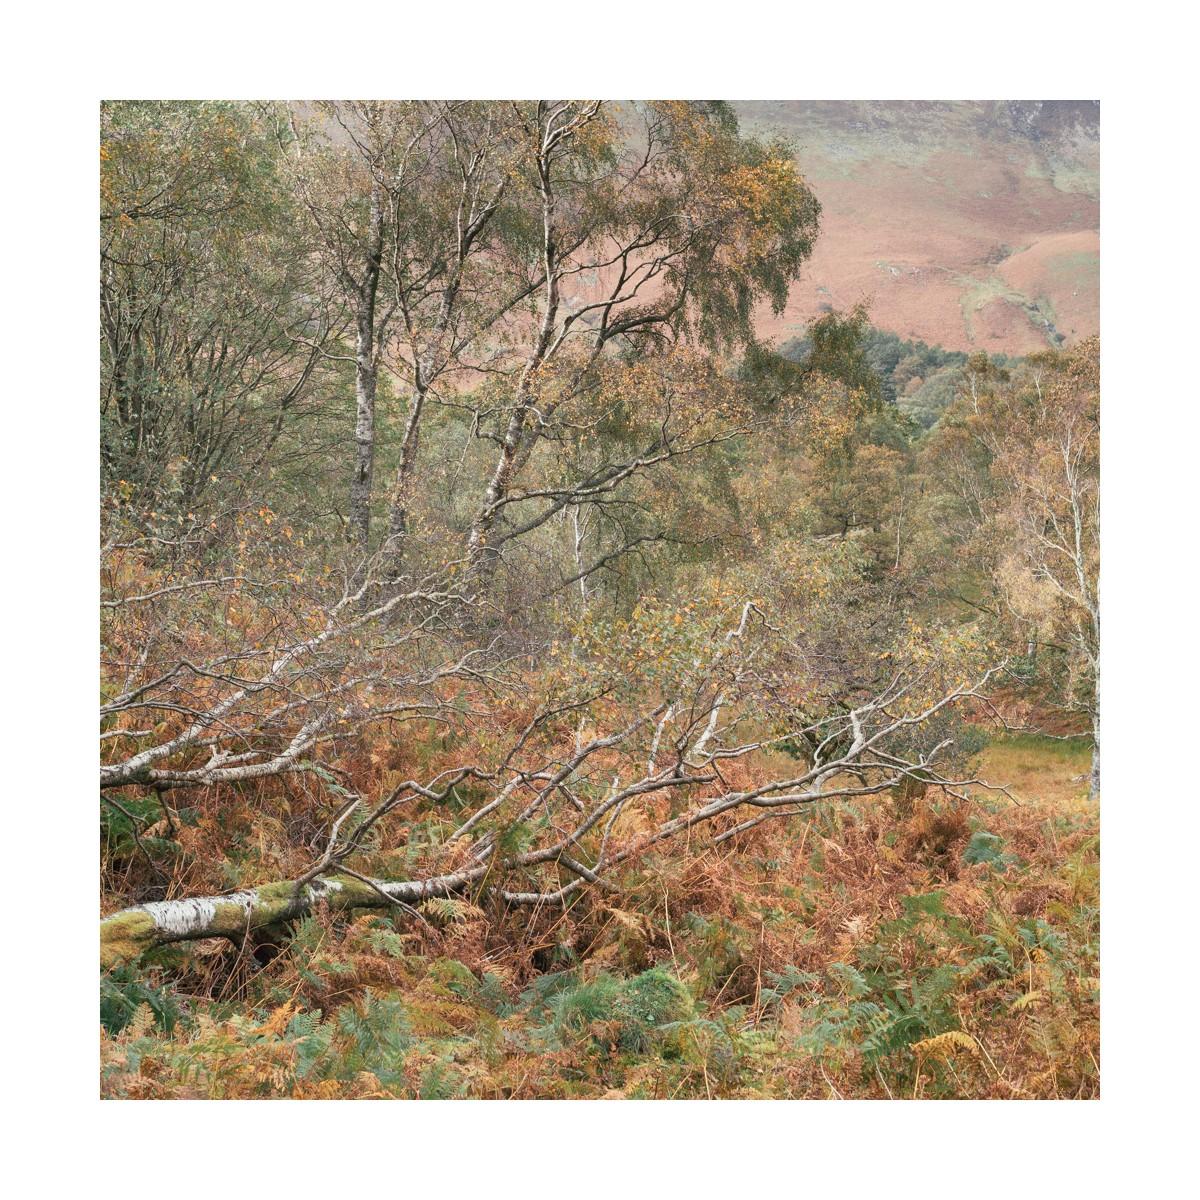 Borrowdale Autumn Details